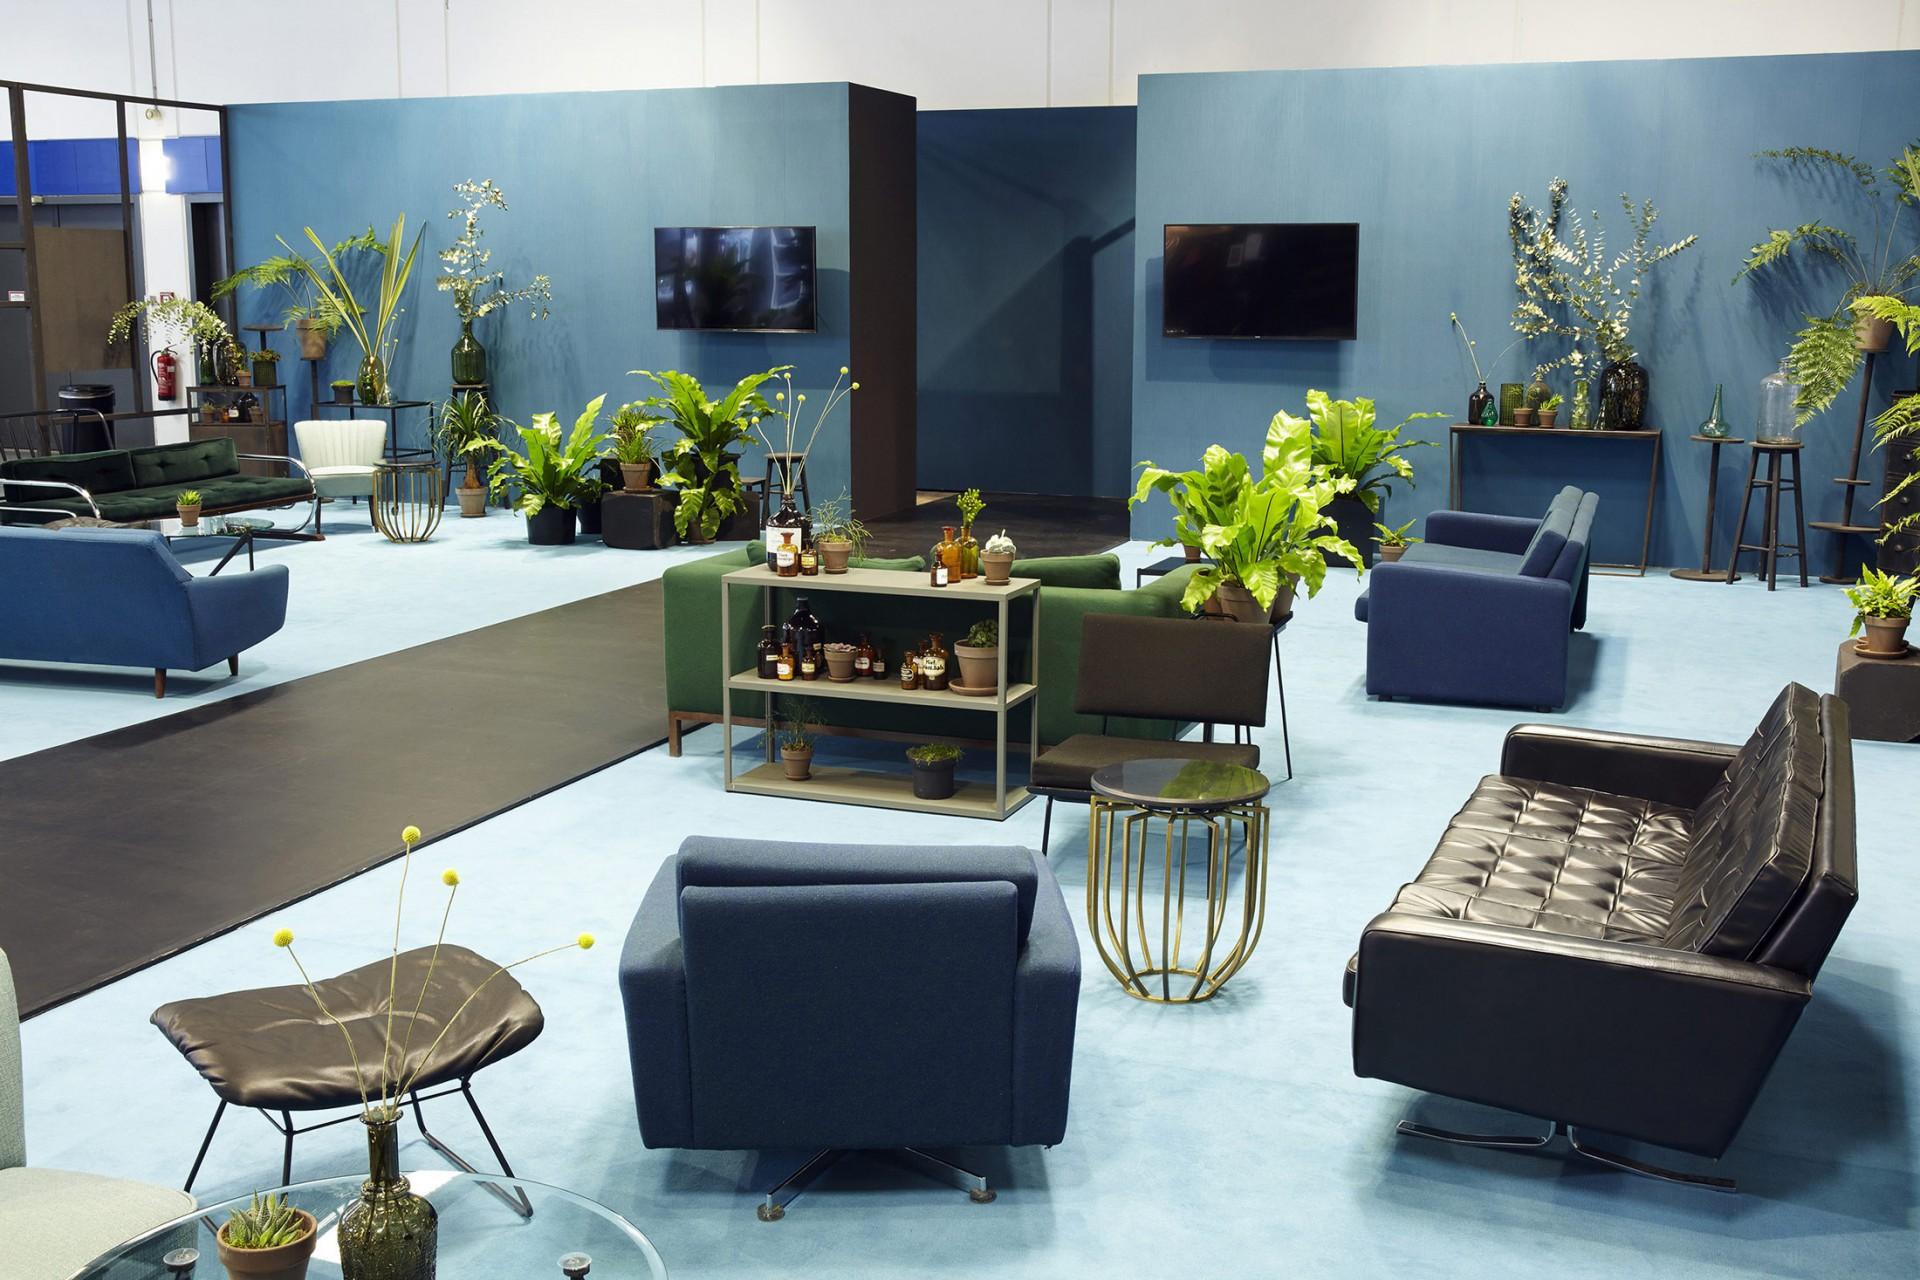 Interieurfotografie und Ausstellungsansichten aus Berlin Studio Tina Reisinger